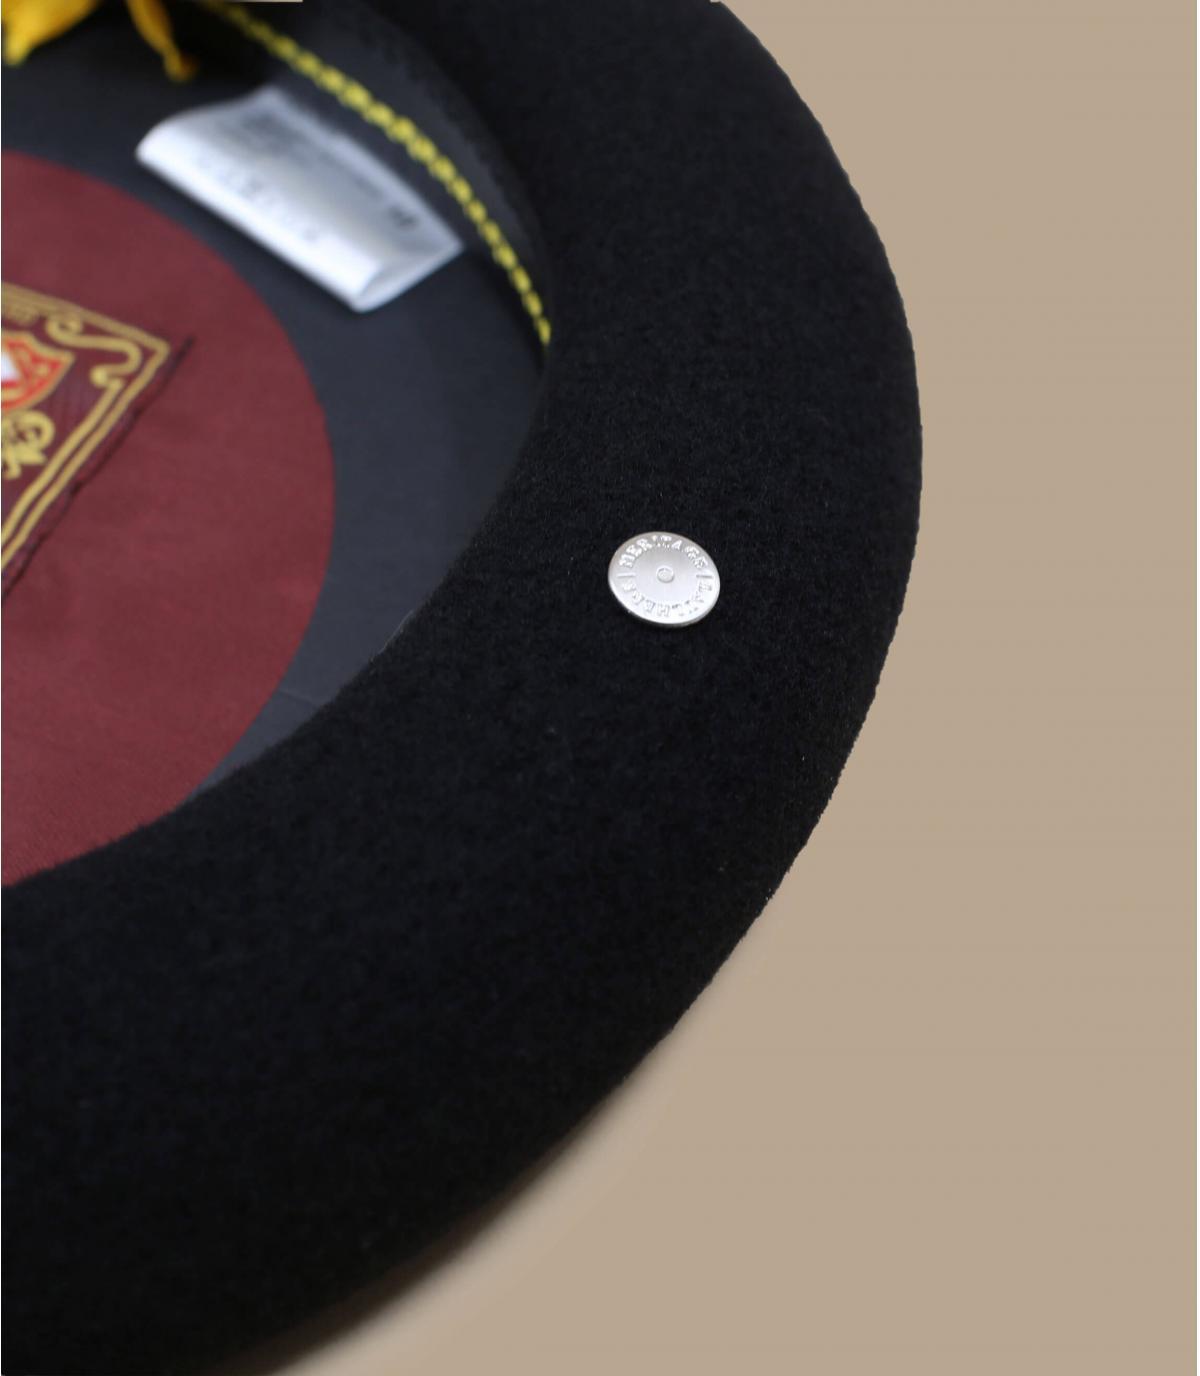 Details Campan schwarz - Abbildung 1